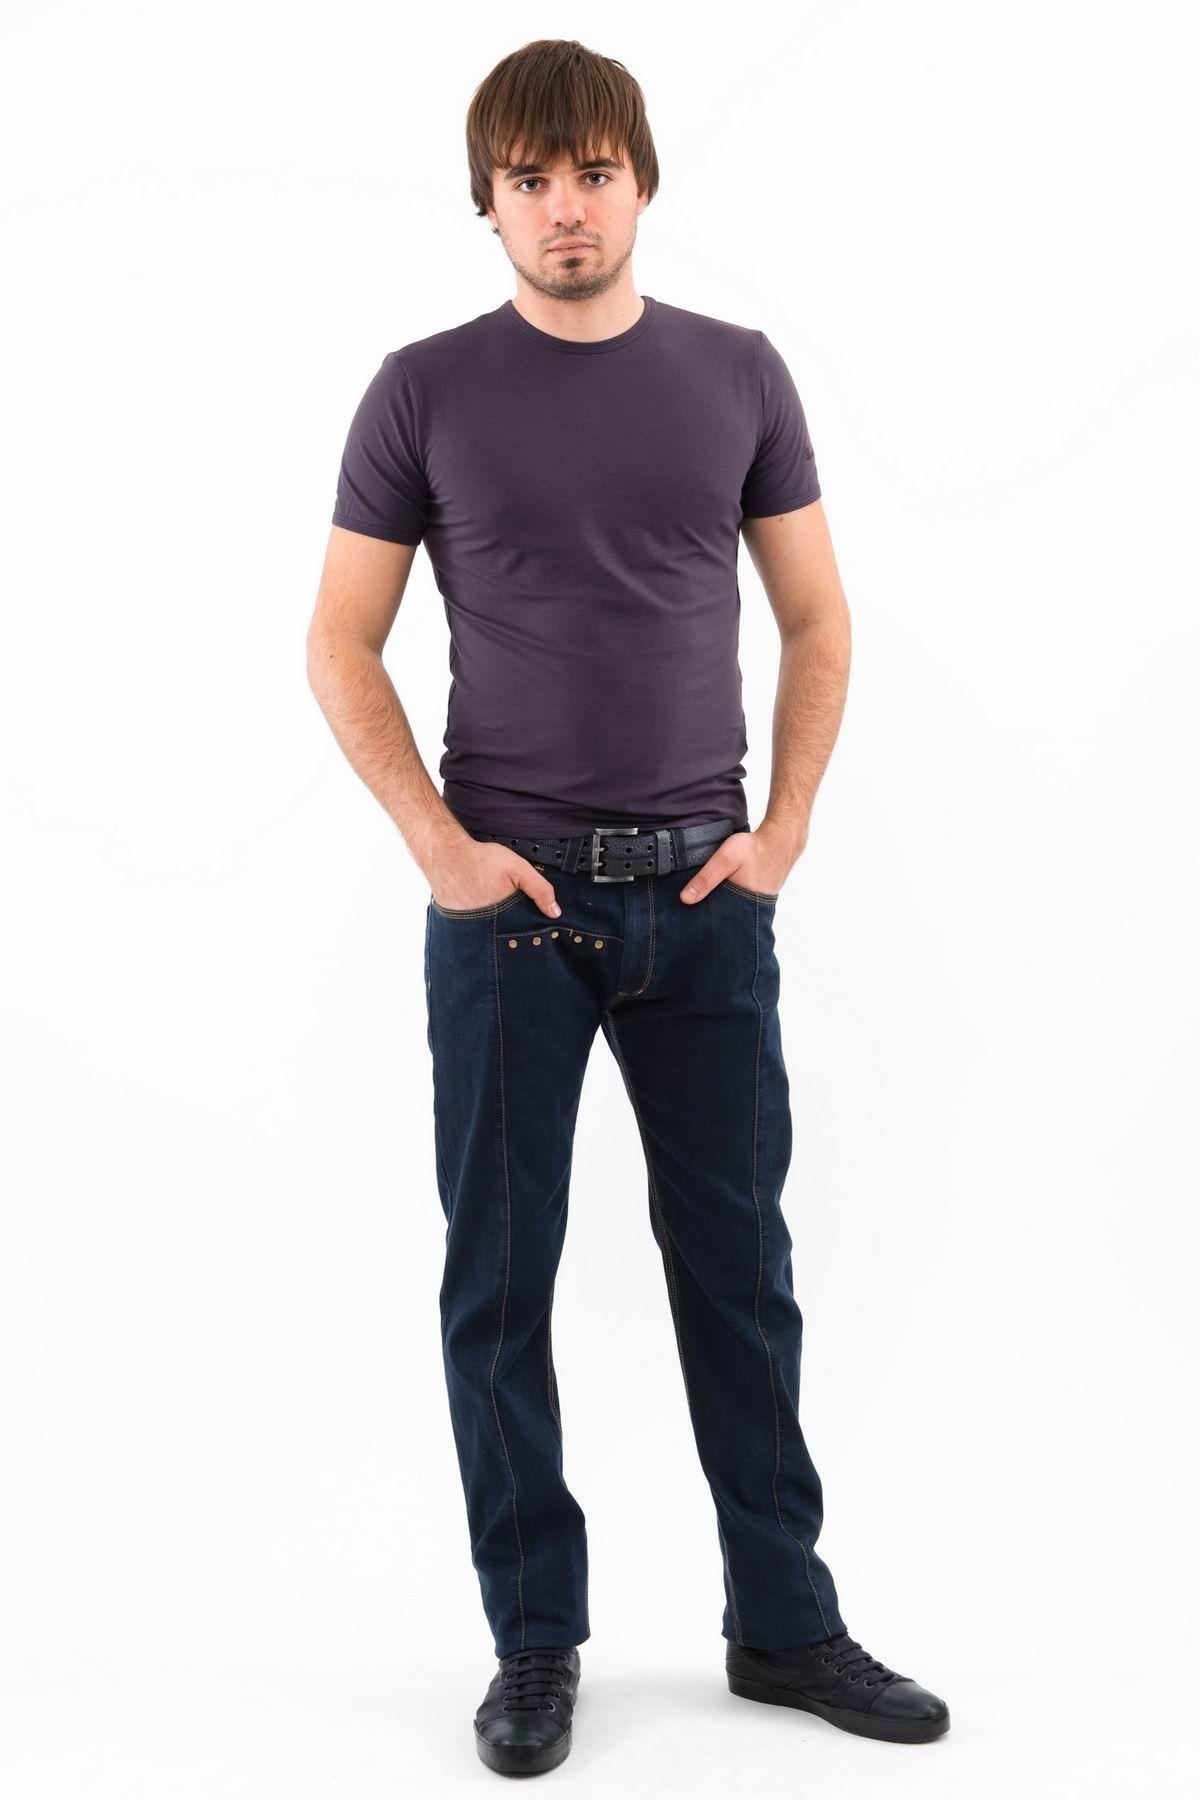 ФутболкаМужские футболки, джемпера<br>Футболка – это удобный выбор на каждый день, поэтому она должна быть яркой и стильной, чтобы привнести в повседневный образ красок. Округлый вырез горловины, короткие рукава, эффектный принт - все это футболка Doctor E, из высококачественного трикотажа.<br><br>Цвет: темно-серый<br>Состав: 92% хлопок 8% лайкра<br>Размер: 44,46,48,50,52,54,56,58,60<br>Страна дизайна: Россия<br>Страна производства: Россия